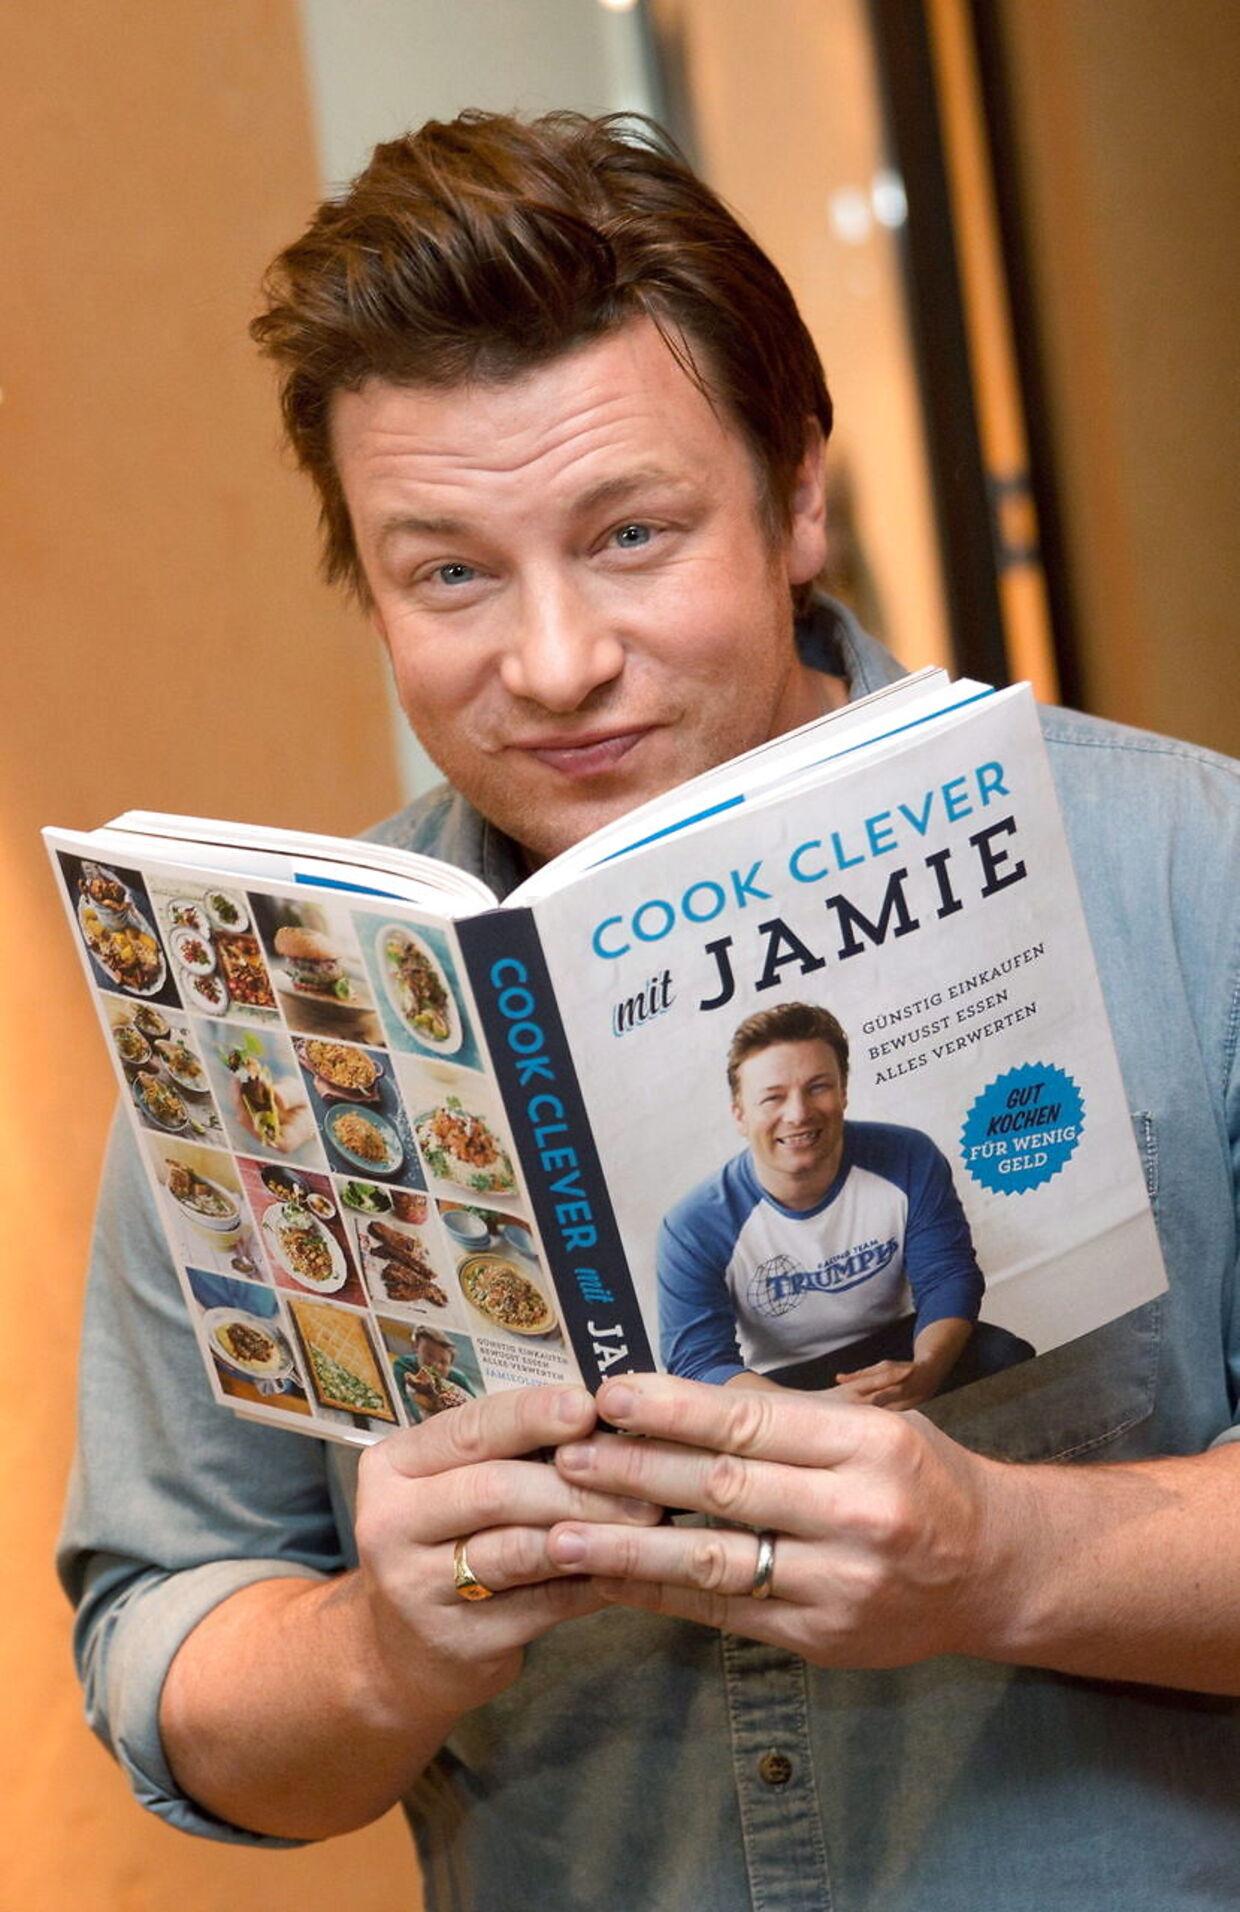 På trods af konkurser i hans restaurantkæder tjener Jamie Oliver fortsat solidt på salg af kogebøger og diverse andre forretninger.